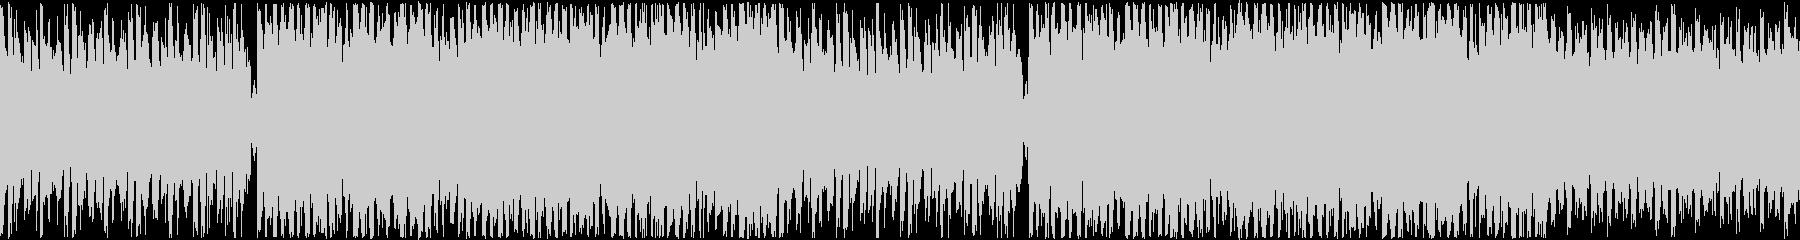 楽しい雰囲気のラジオフリートークBGMの未再生の波形